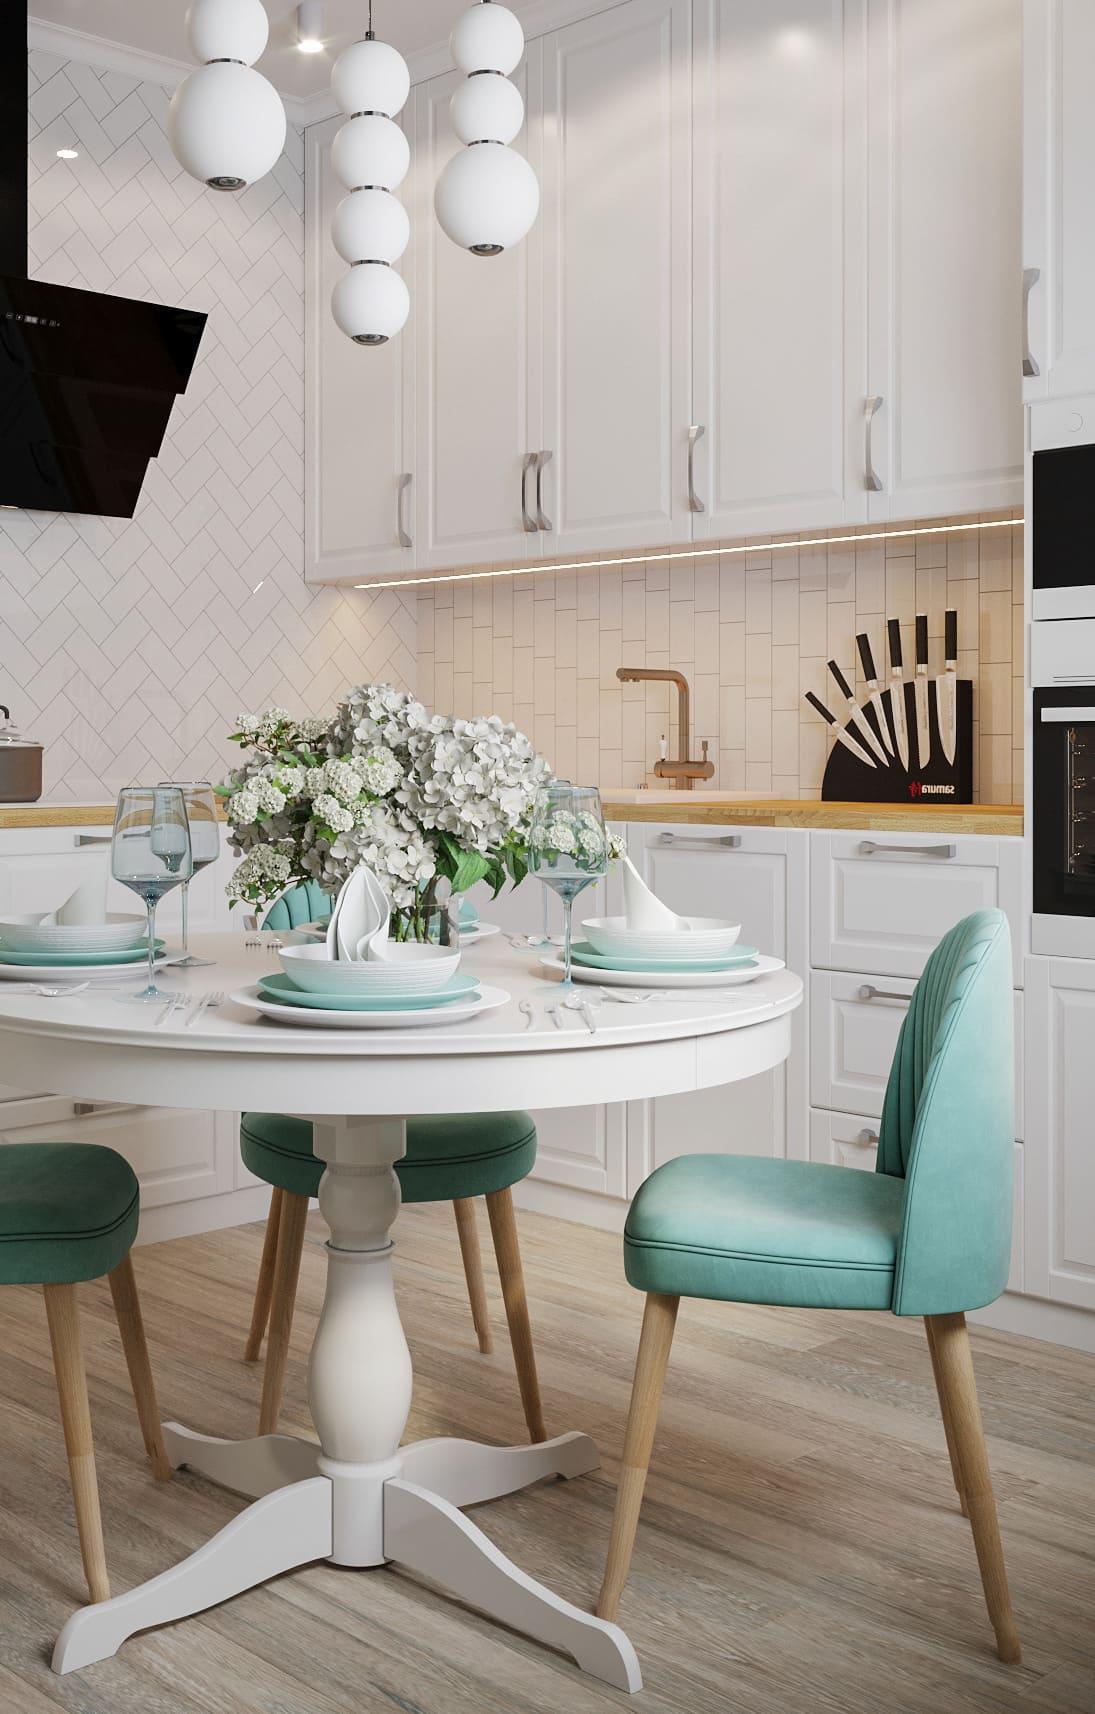 дизайн кухни в современном стиле фото 24